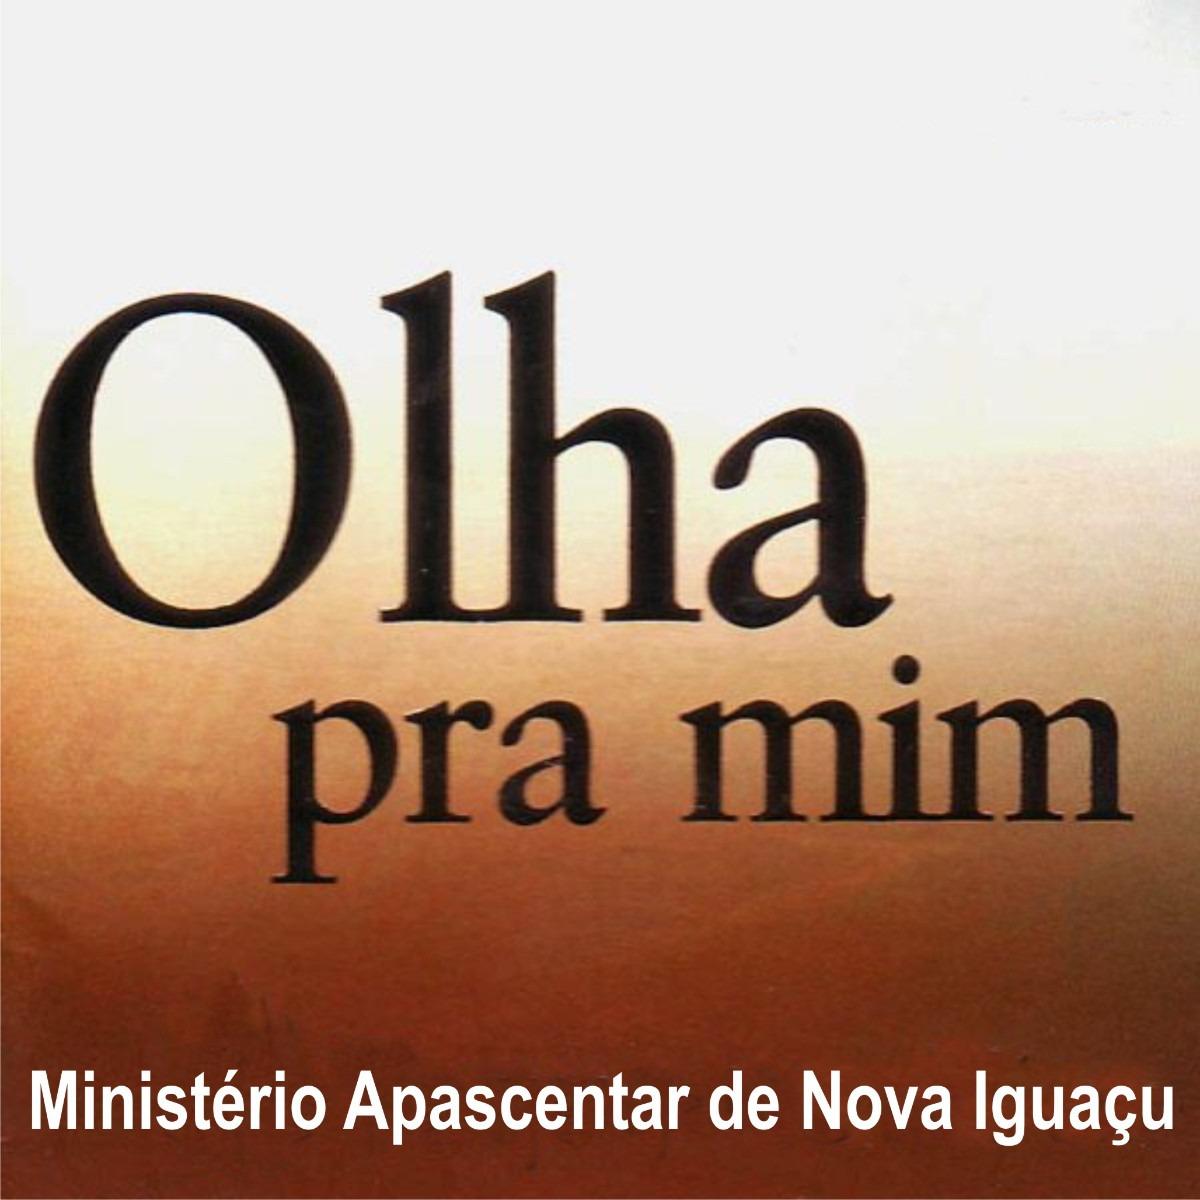 cd ministerio apascentar de nova iguau olha pra mim